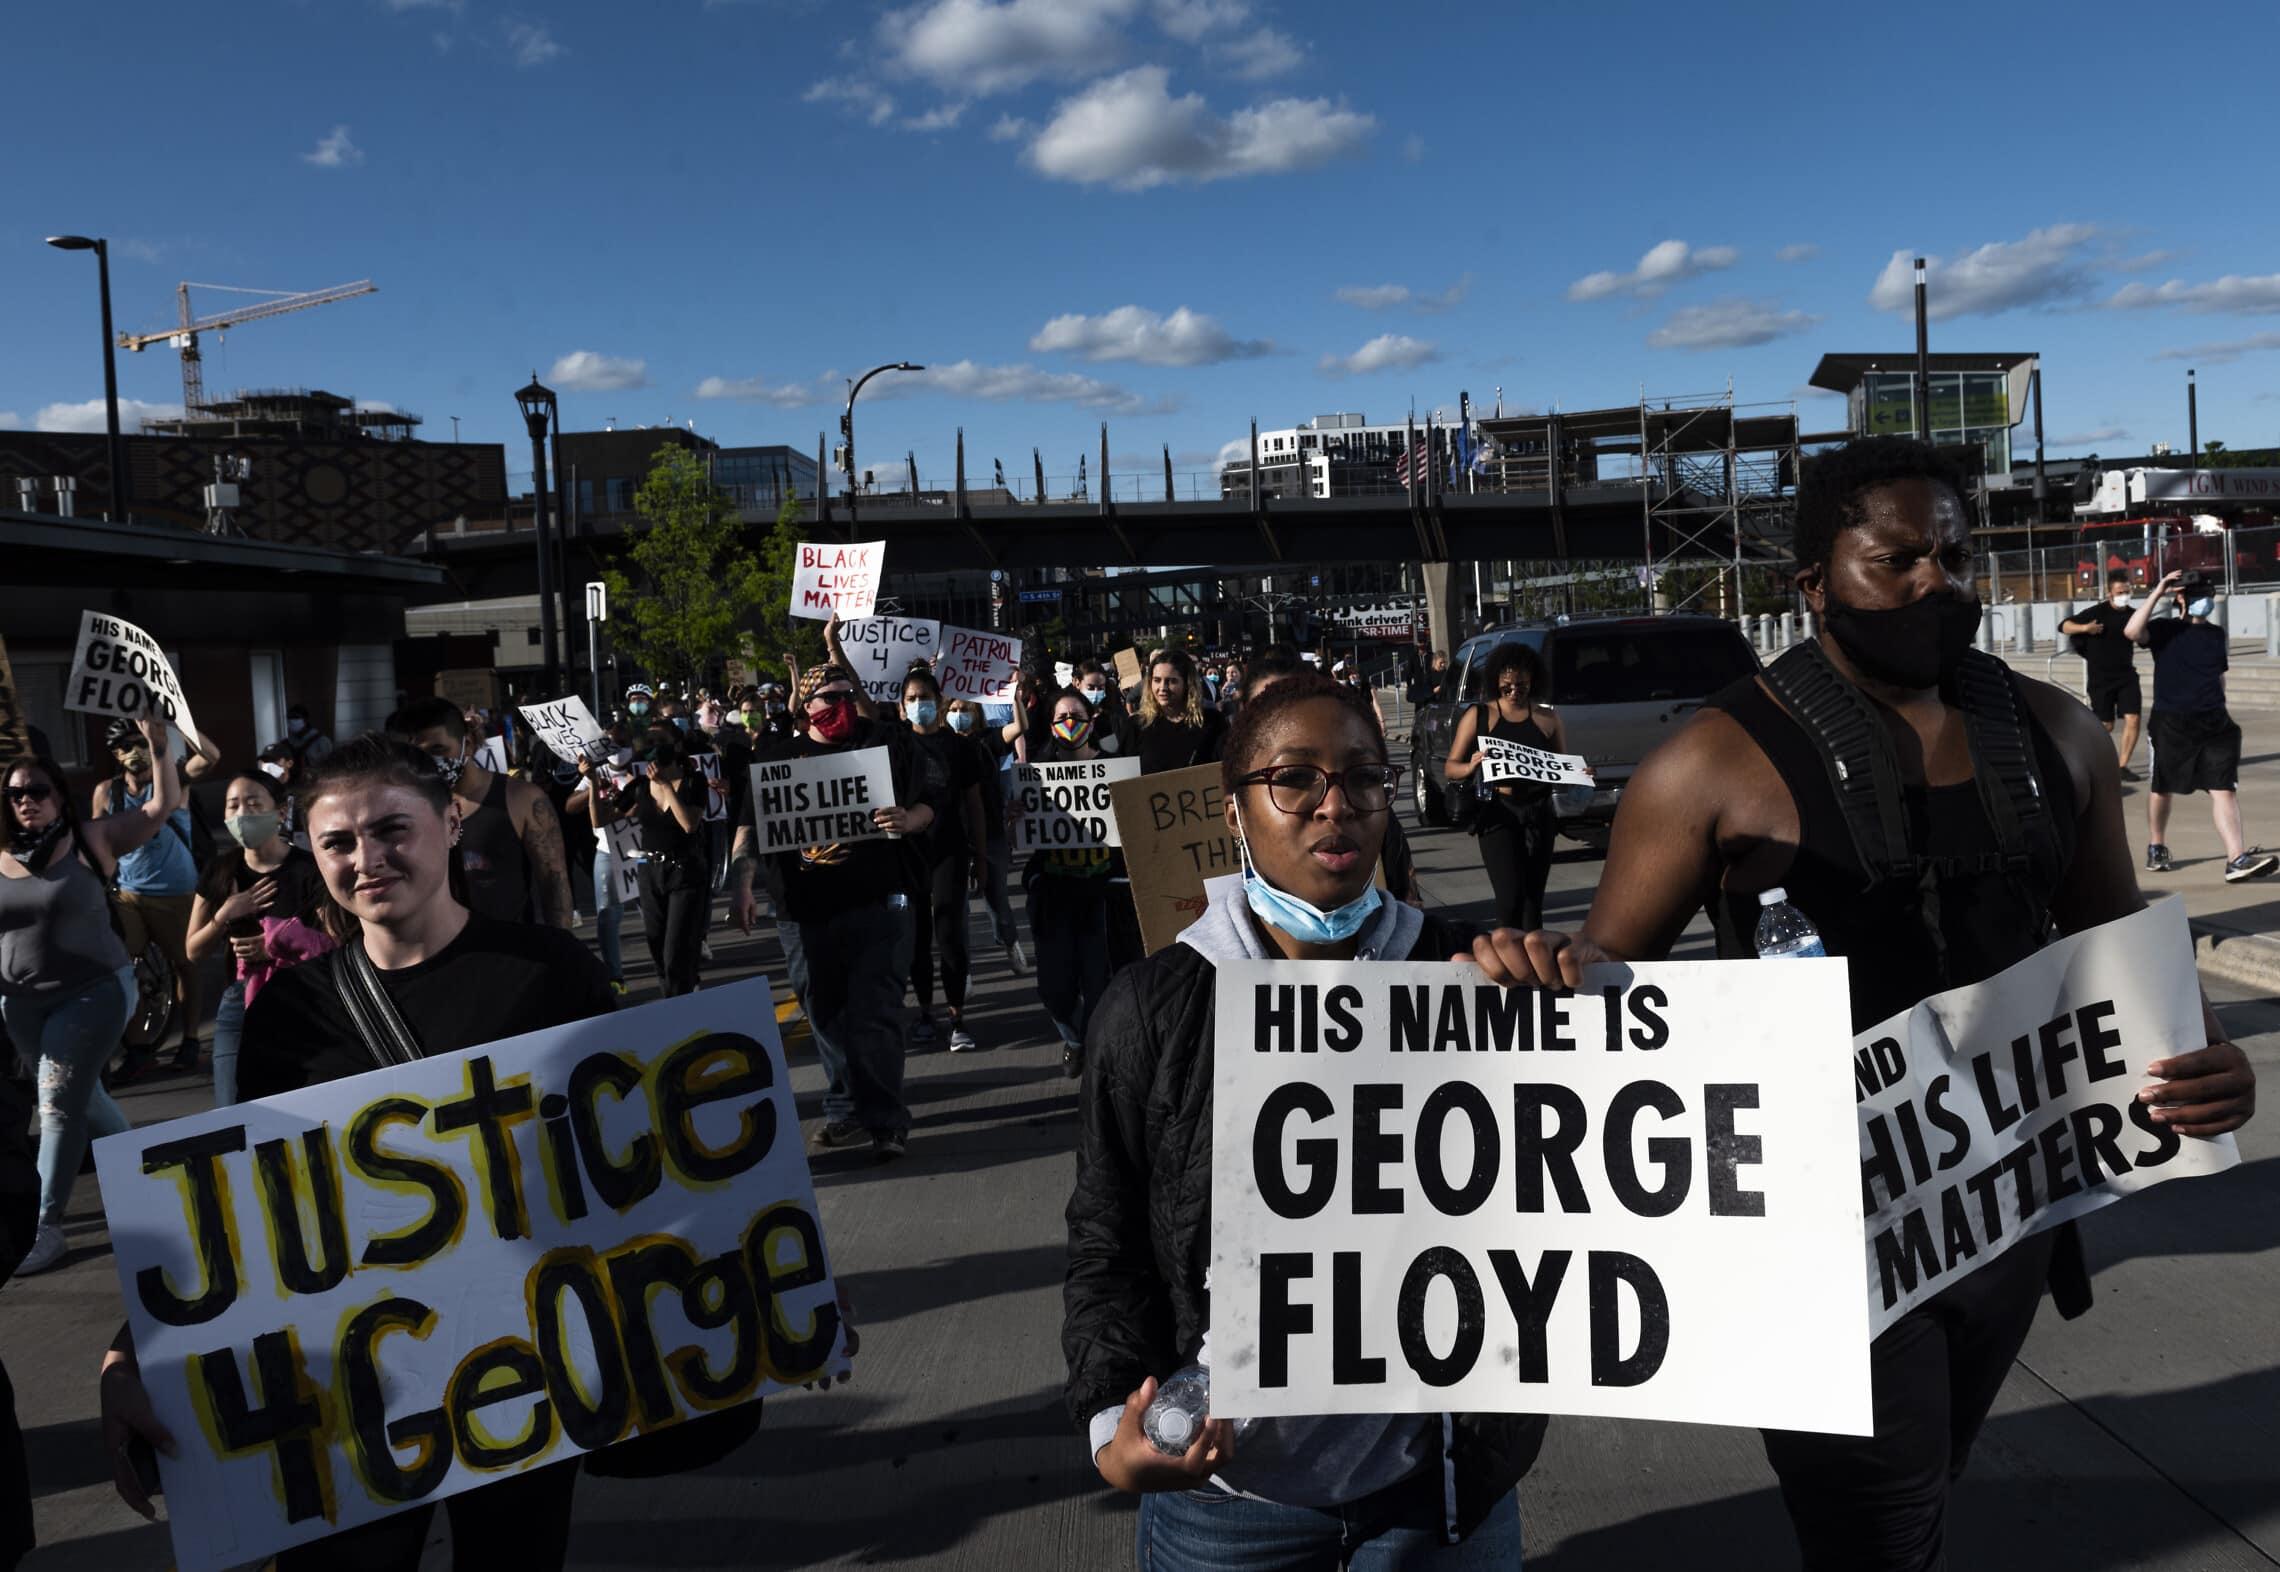 הפגנות בעקבות מותו של ג'ורג' פלויד במיניאפוליס, 29 במאי 2020 (צילום: Stephen Maturen/Getty Images via JTA)